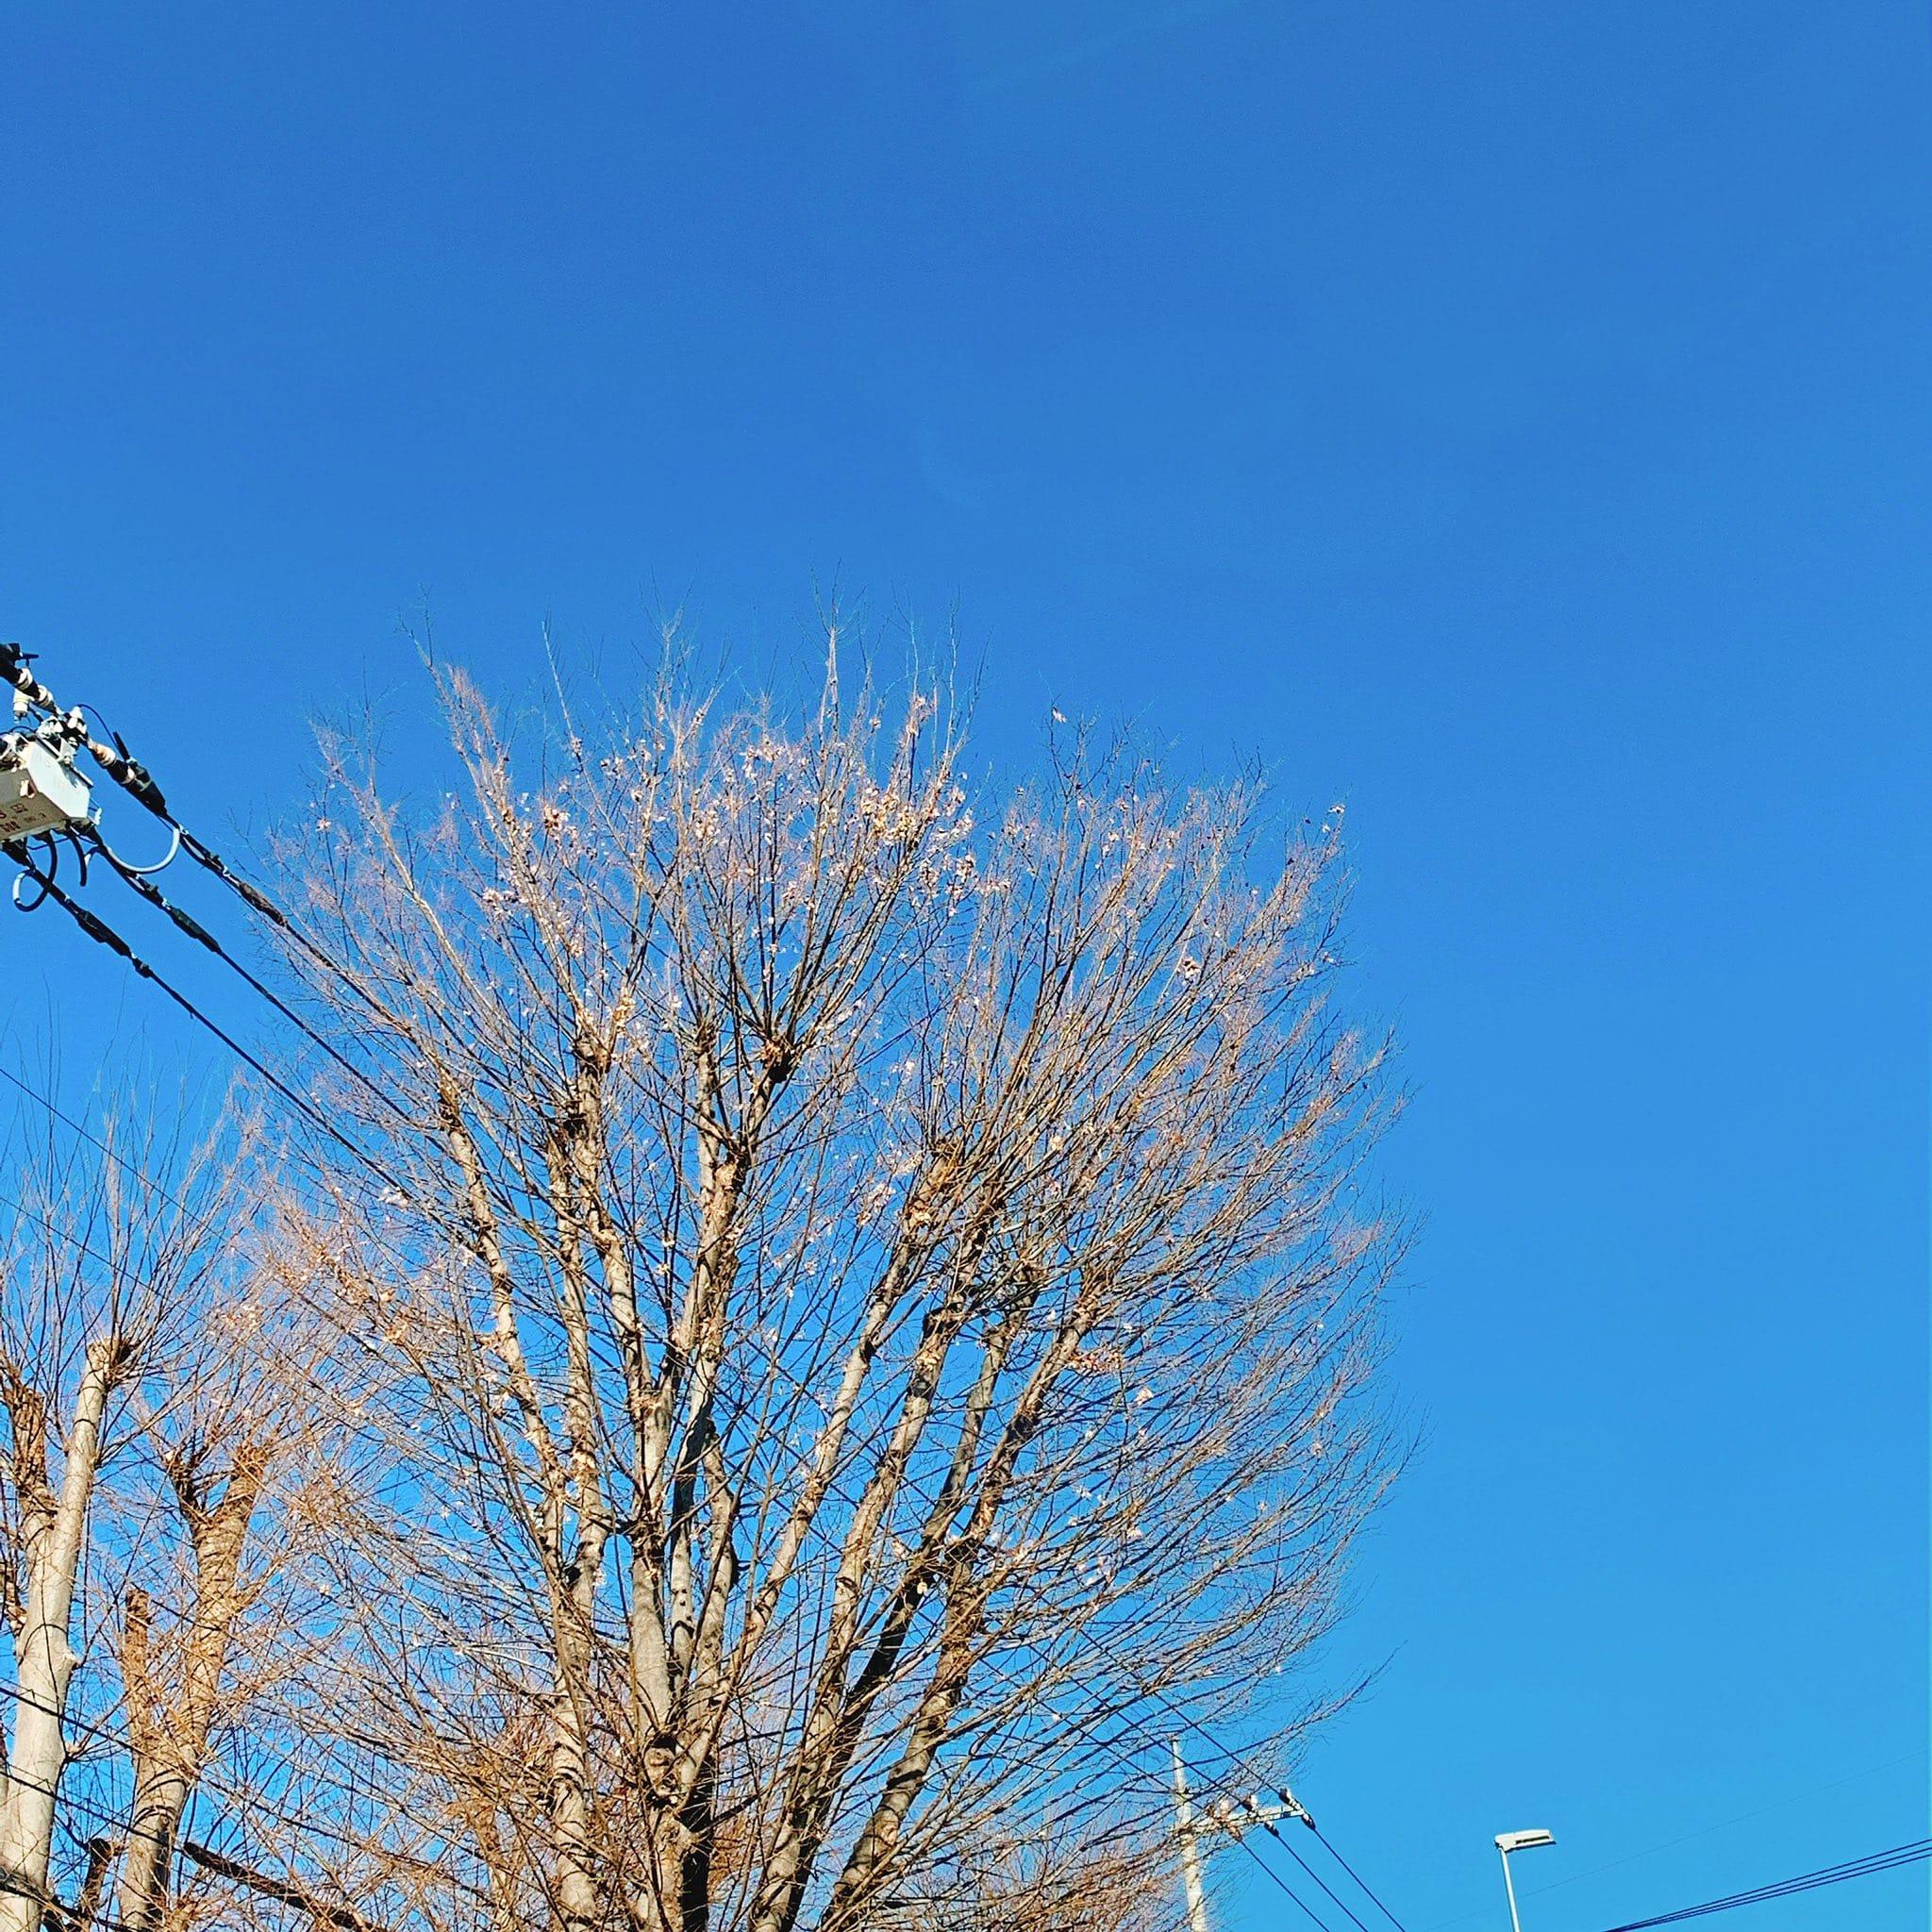 「おはようございます(^-^)」02/18(月) 13:04 | まきの写メ・風俗動画